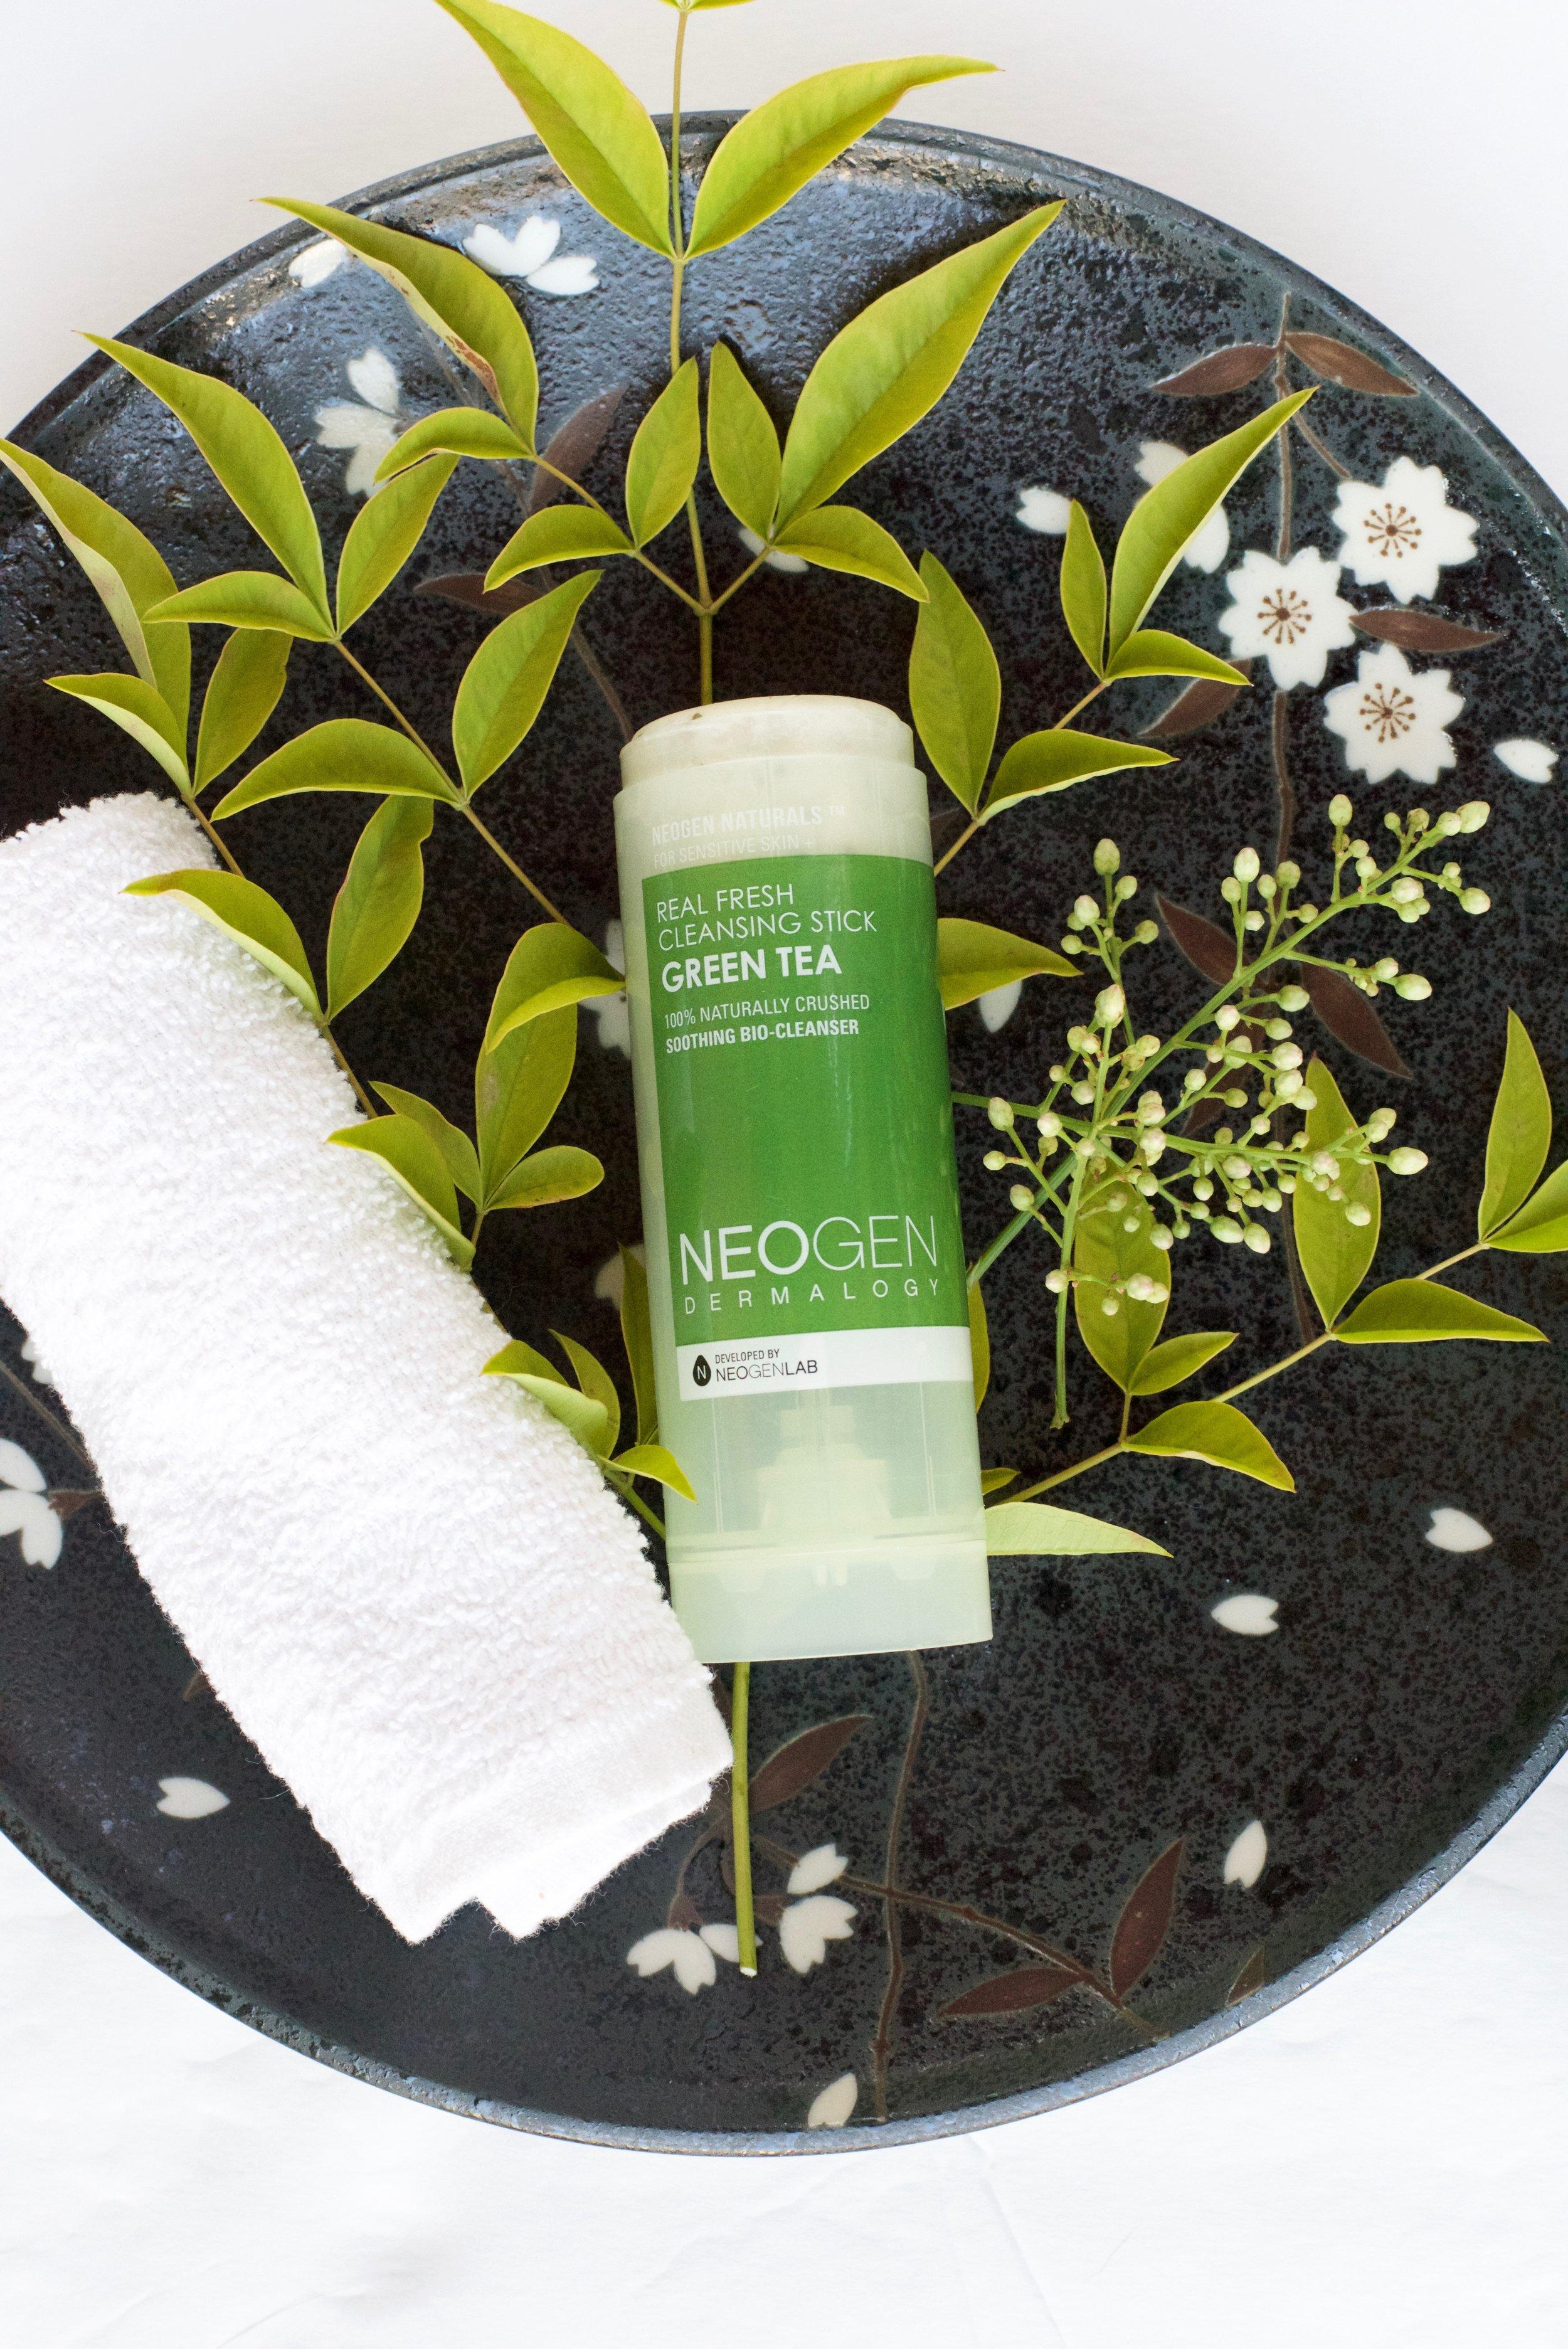 Neogen-Real-Fresh-Cleansing-Stick-Green-Tea_DSC_3657.jpg